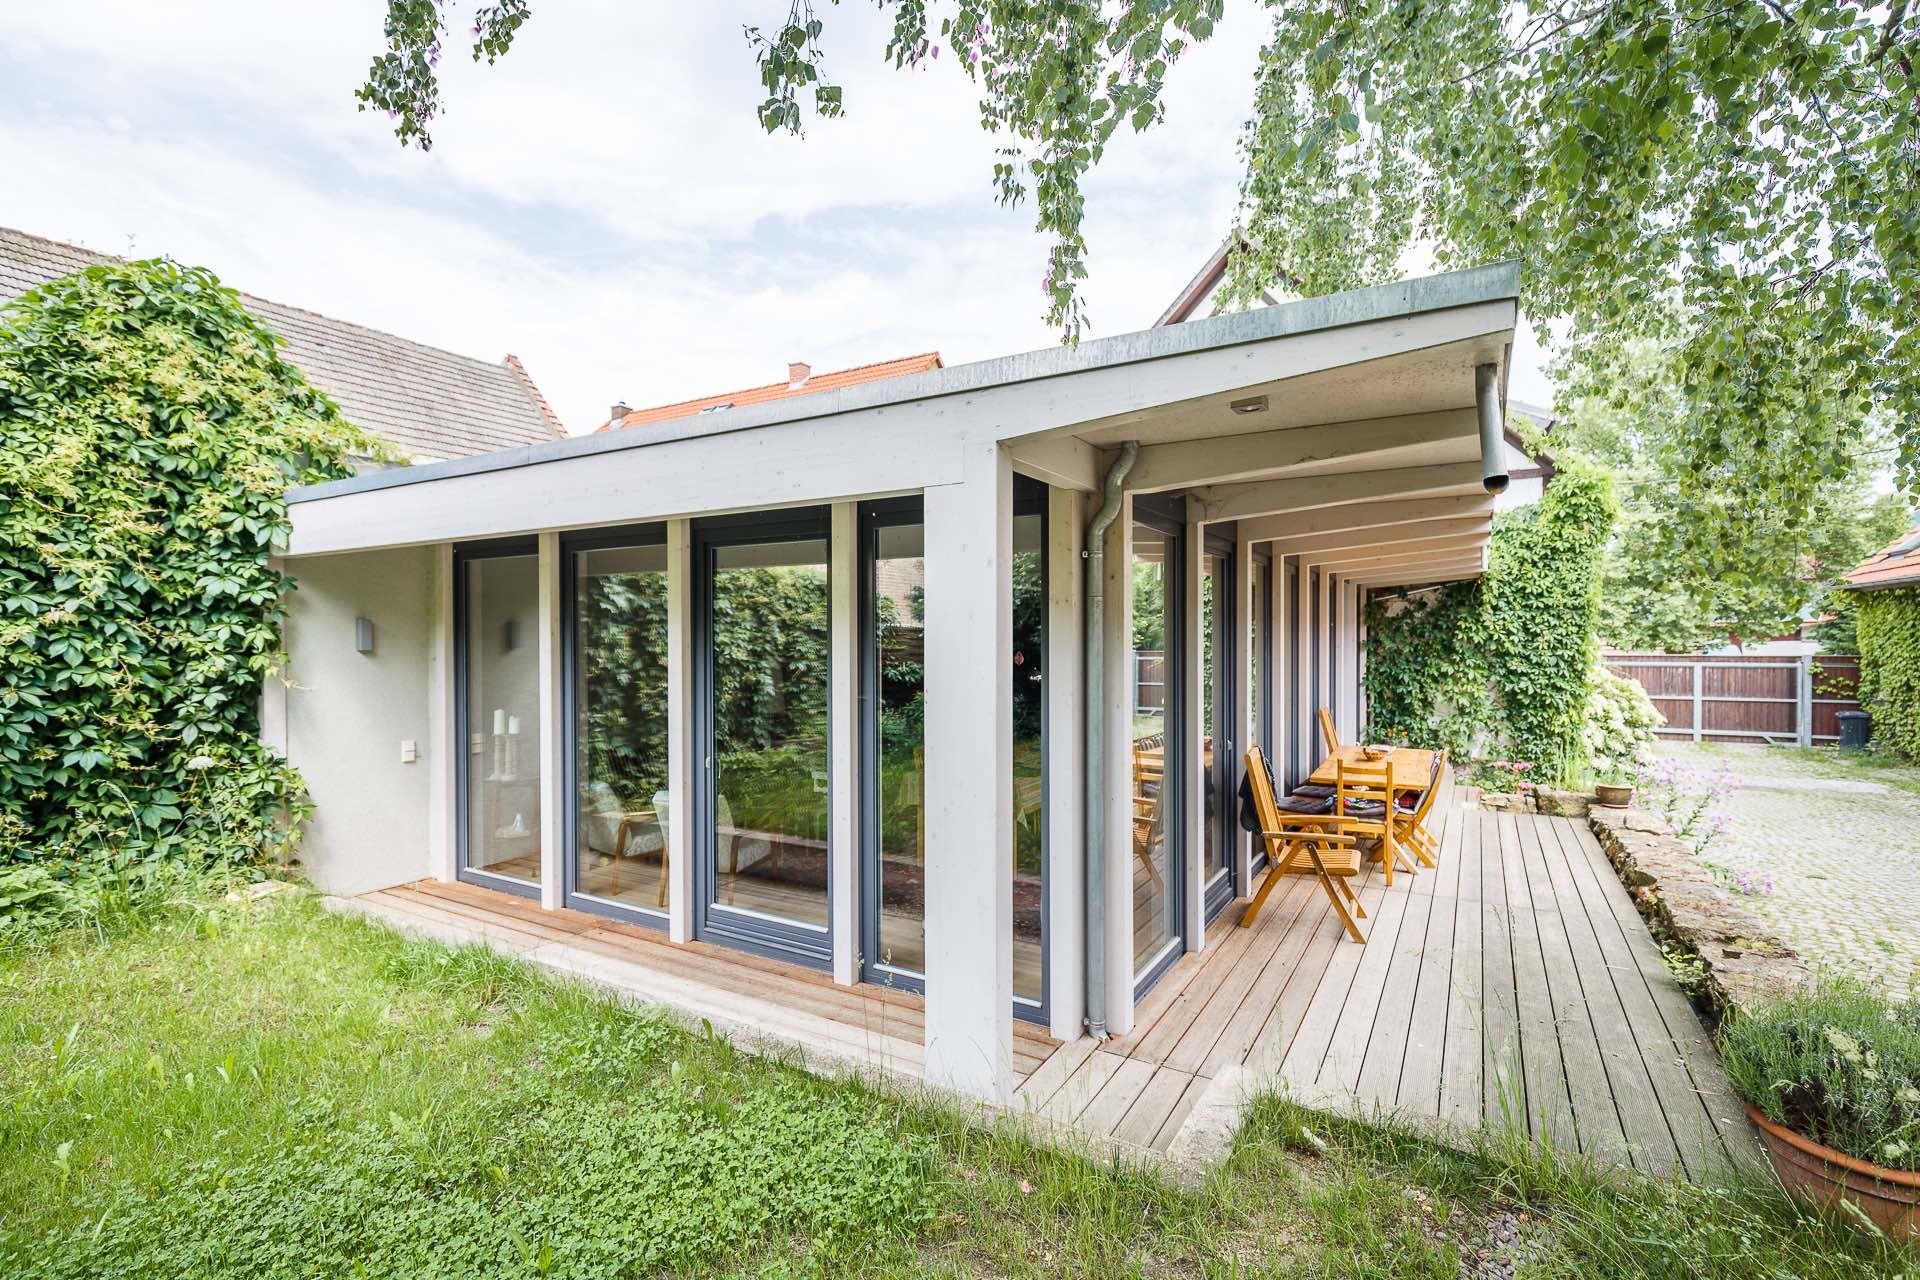 Einfamilienhaus, Terasse, Freianlagen, Architekturbüro, SIGMA PLAN WEIMAR ® GmbH,